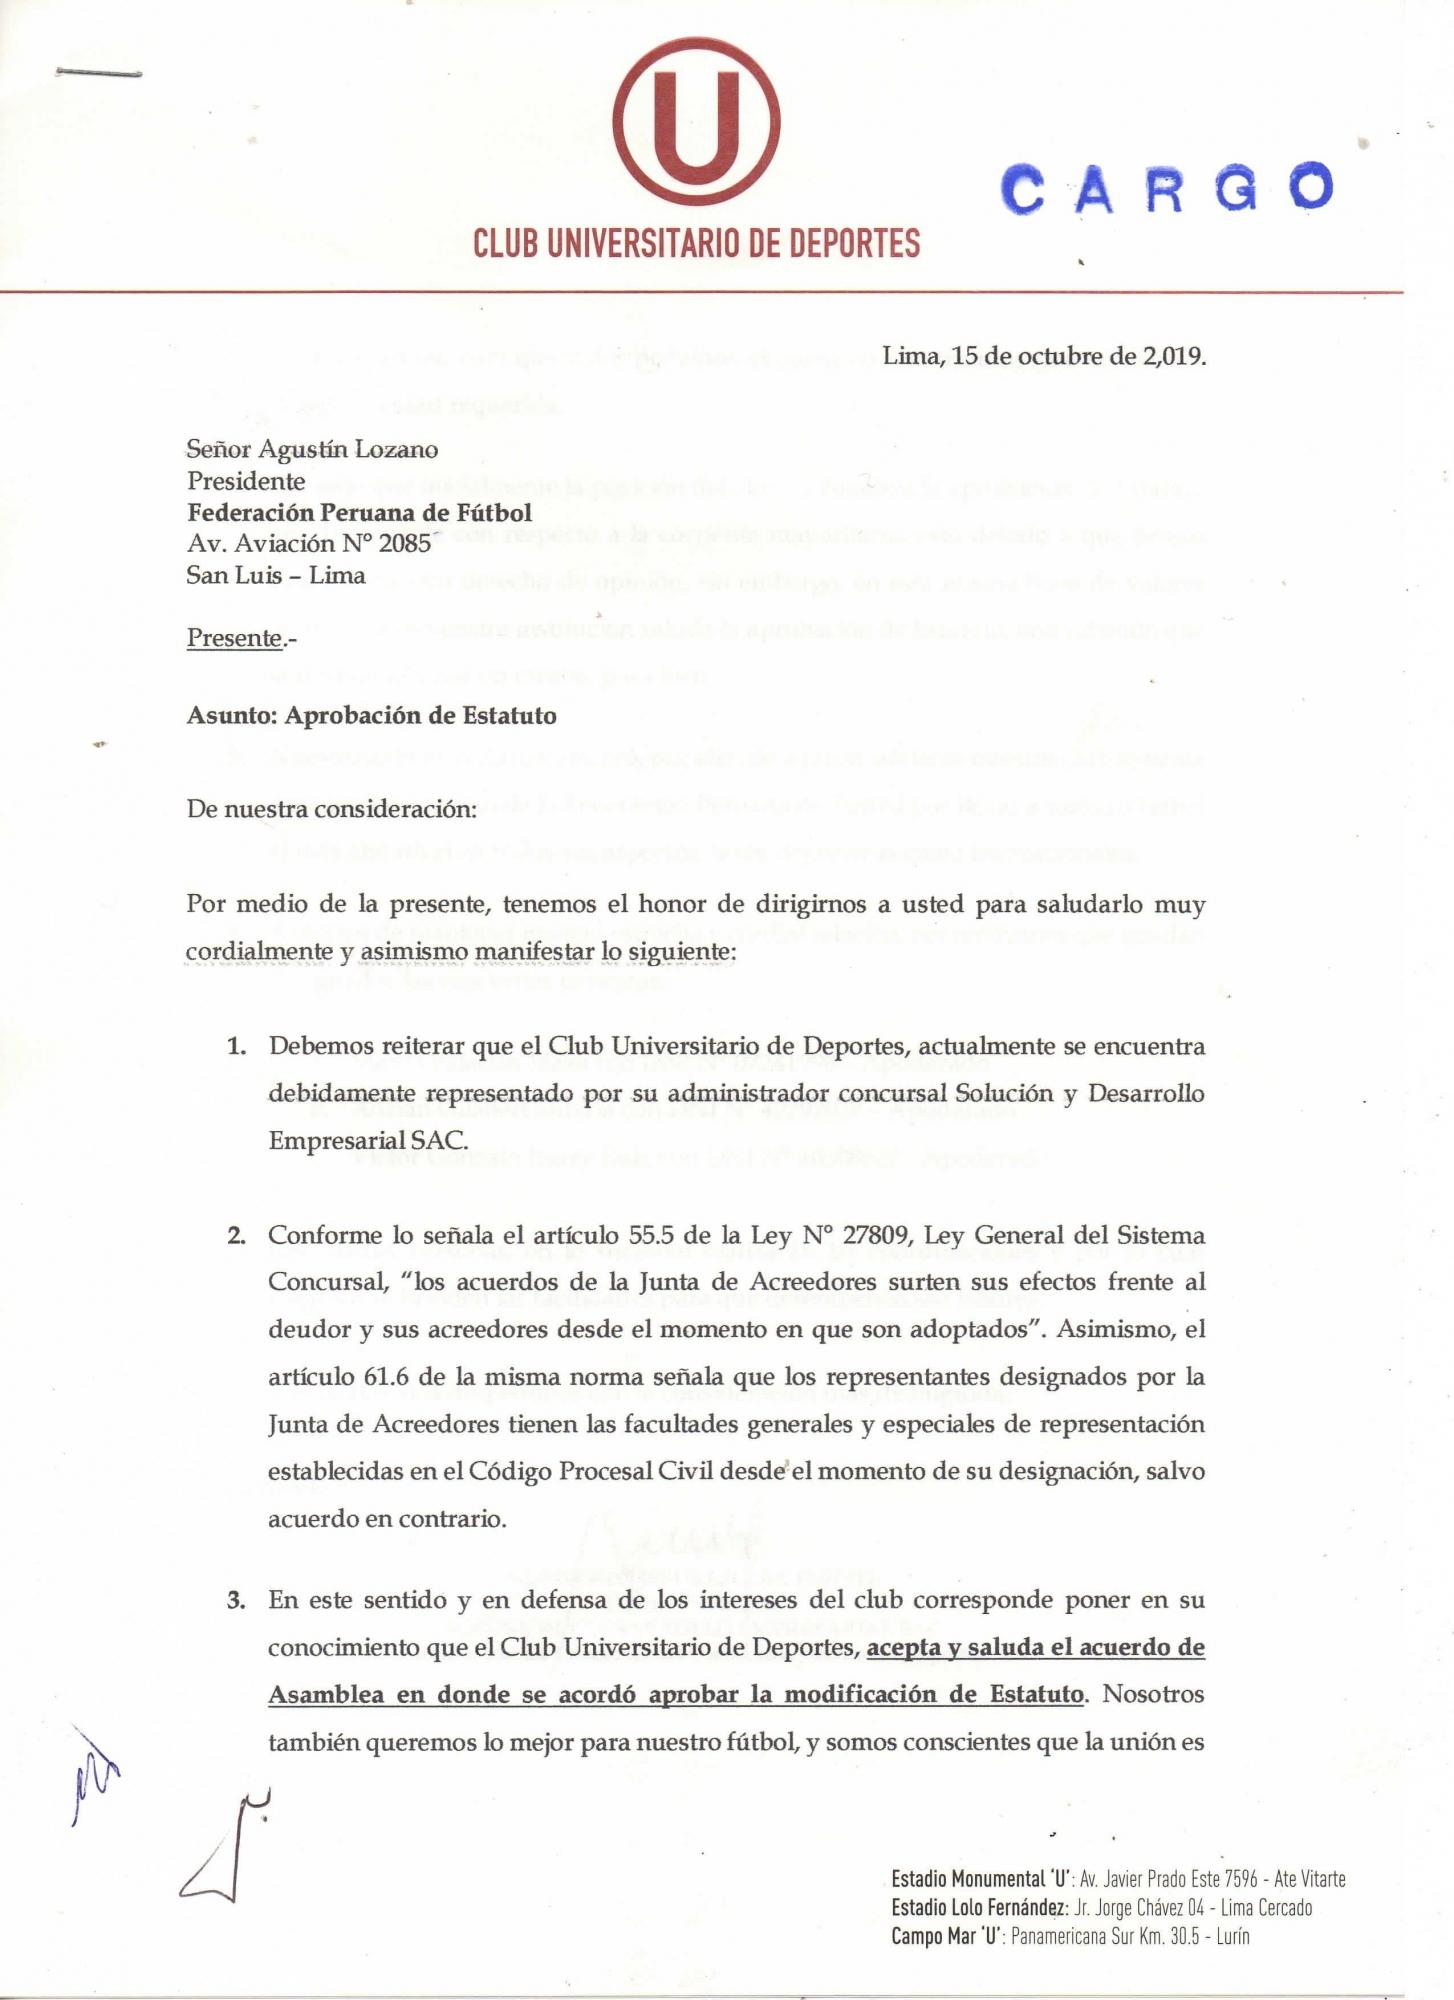 Comunicado de Universitario de Deportes.